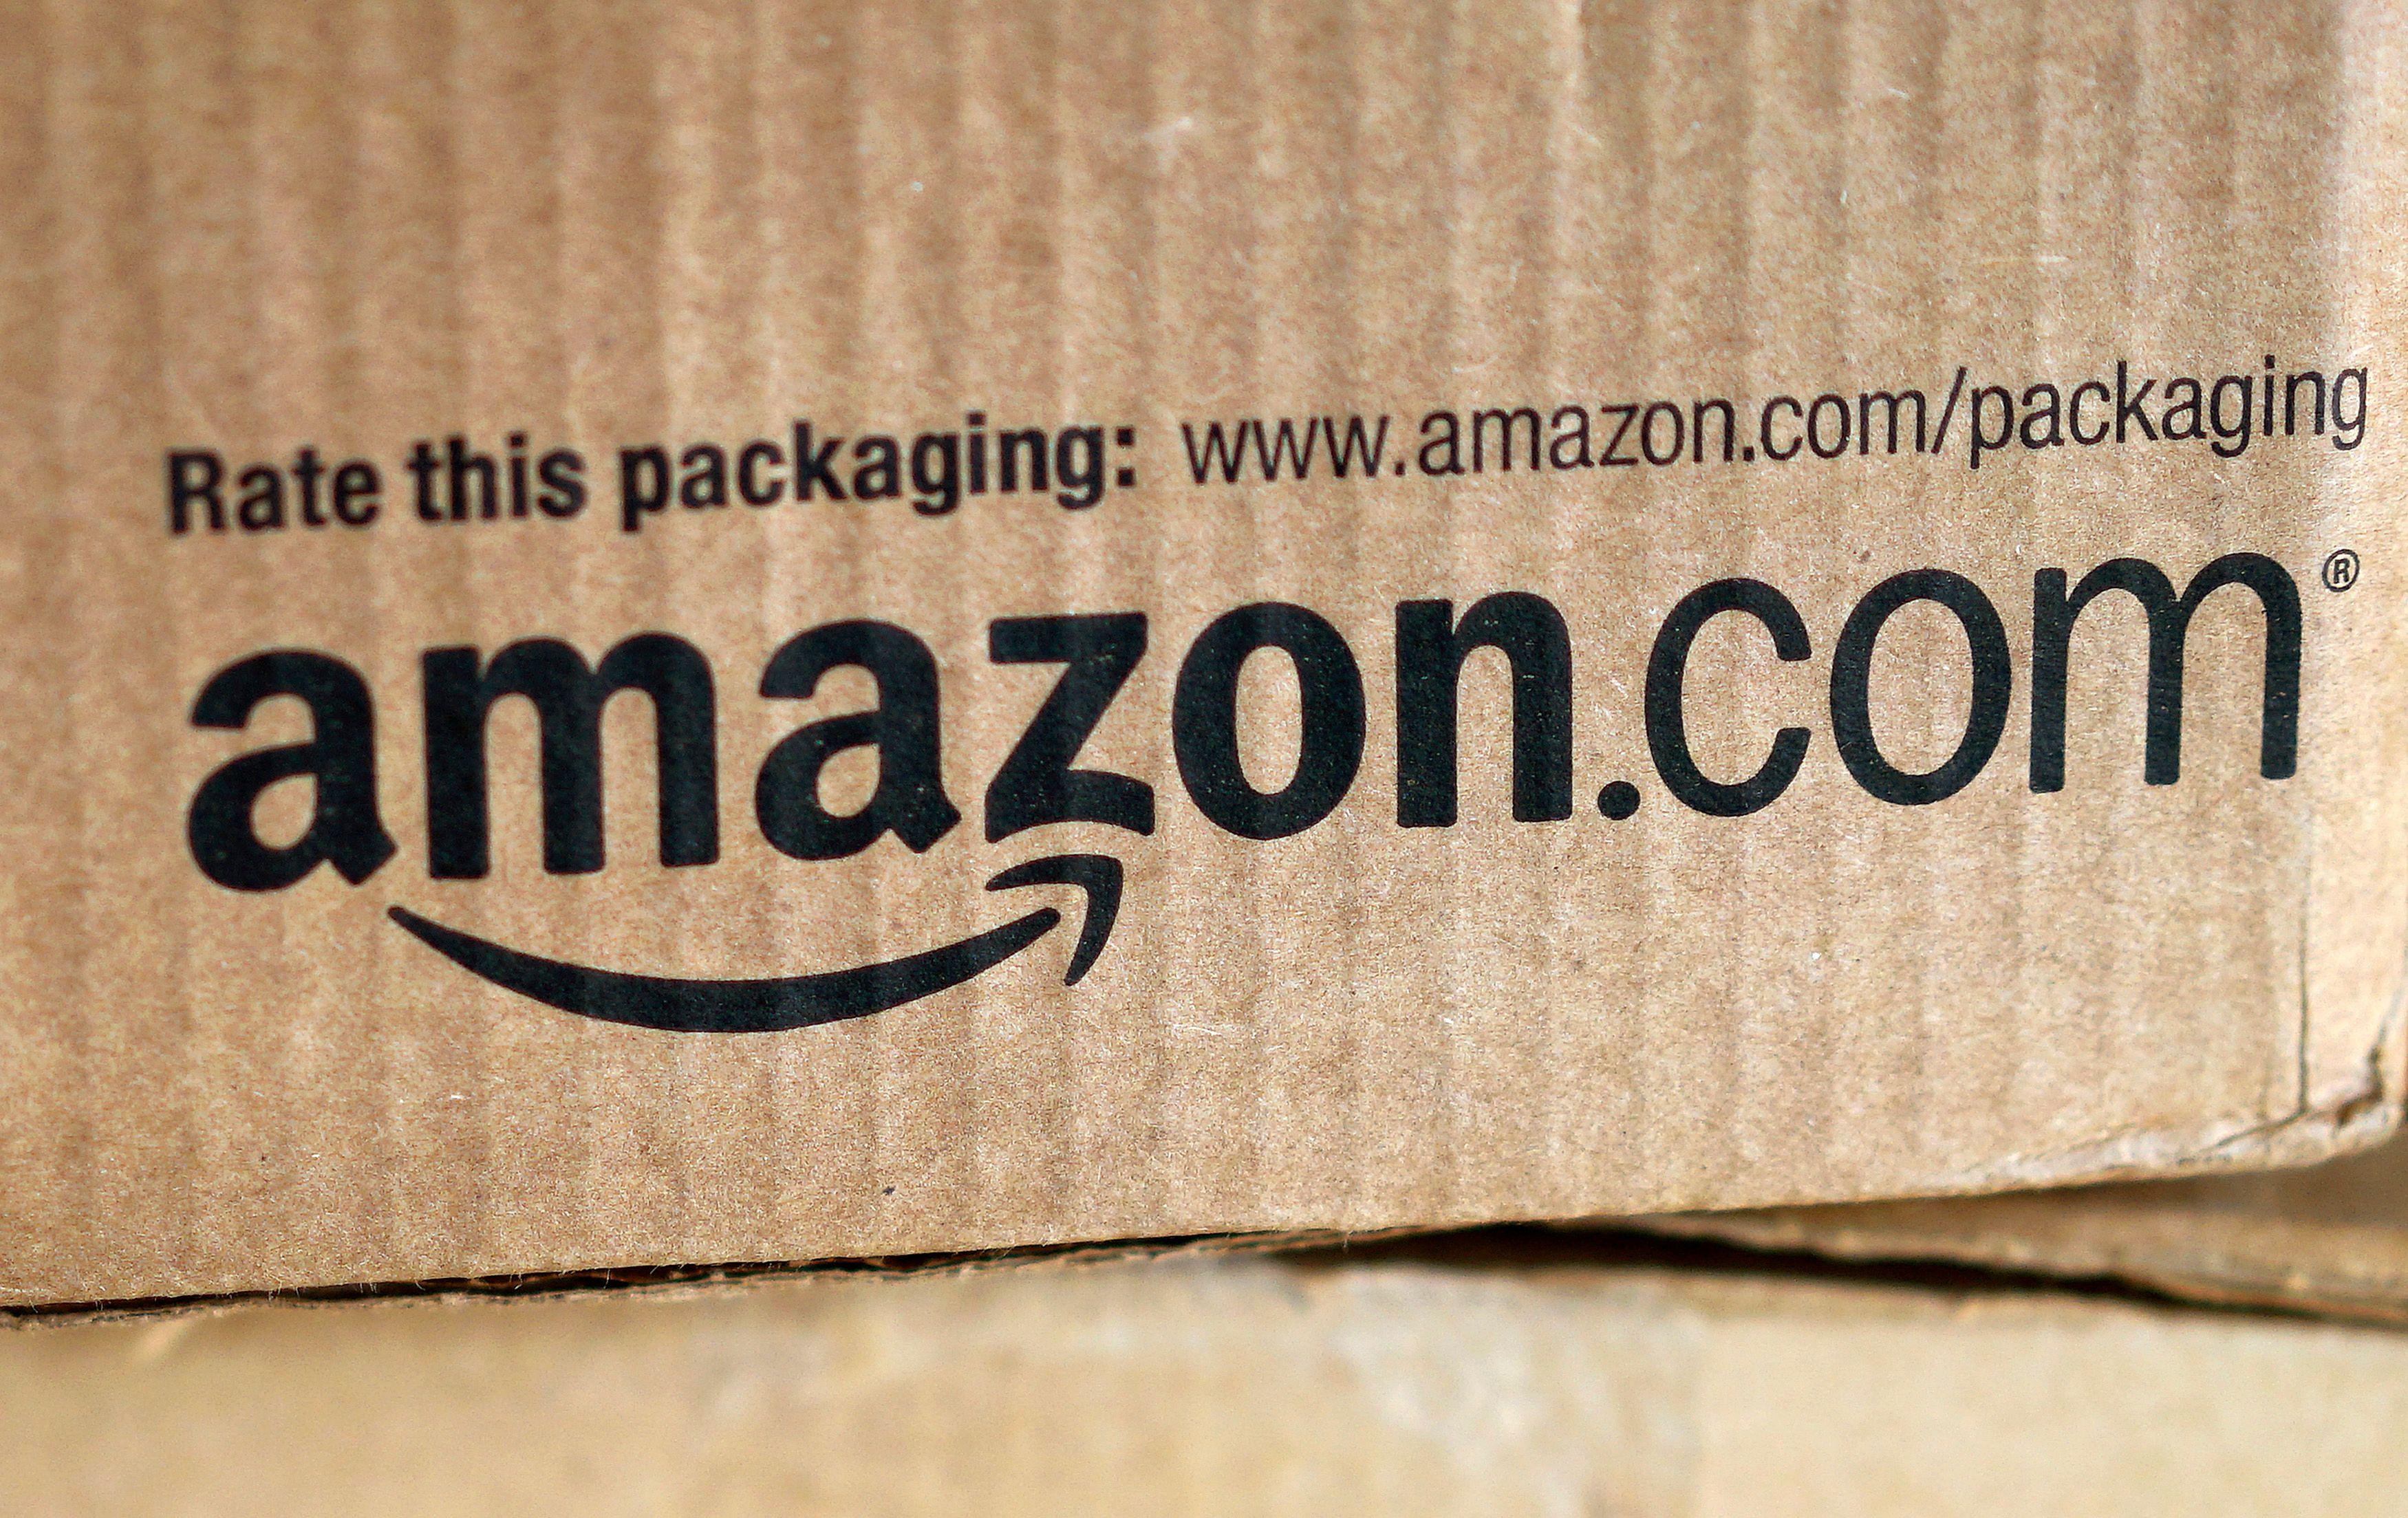 Les prix des marchandises d'Amazon changent plusieurs fois par jour.